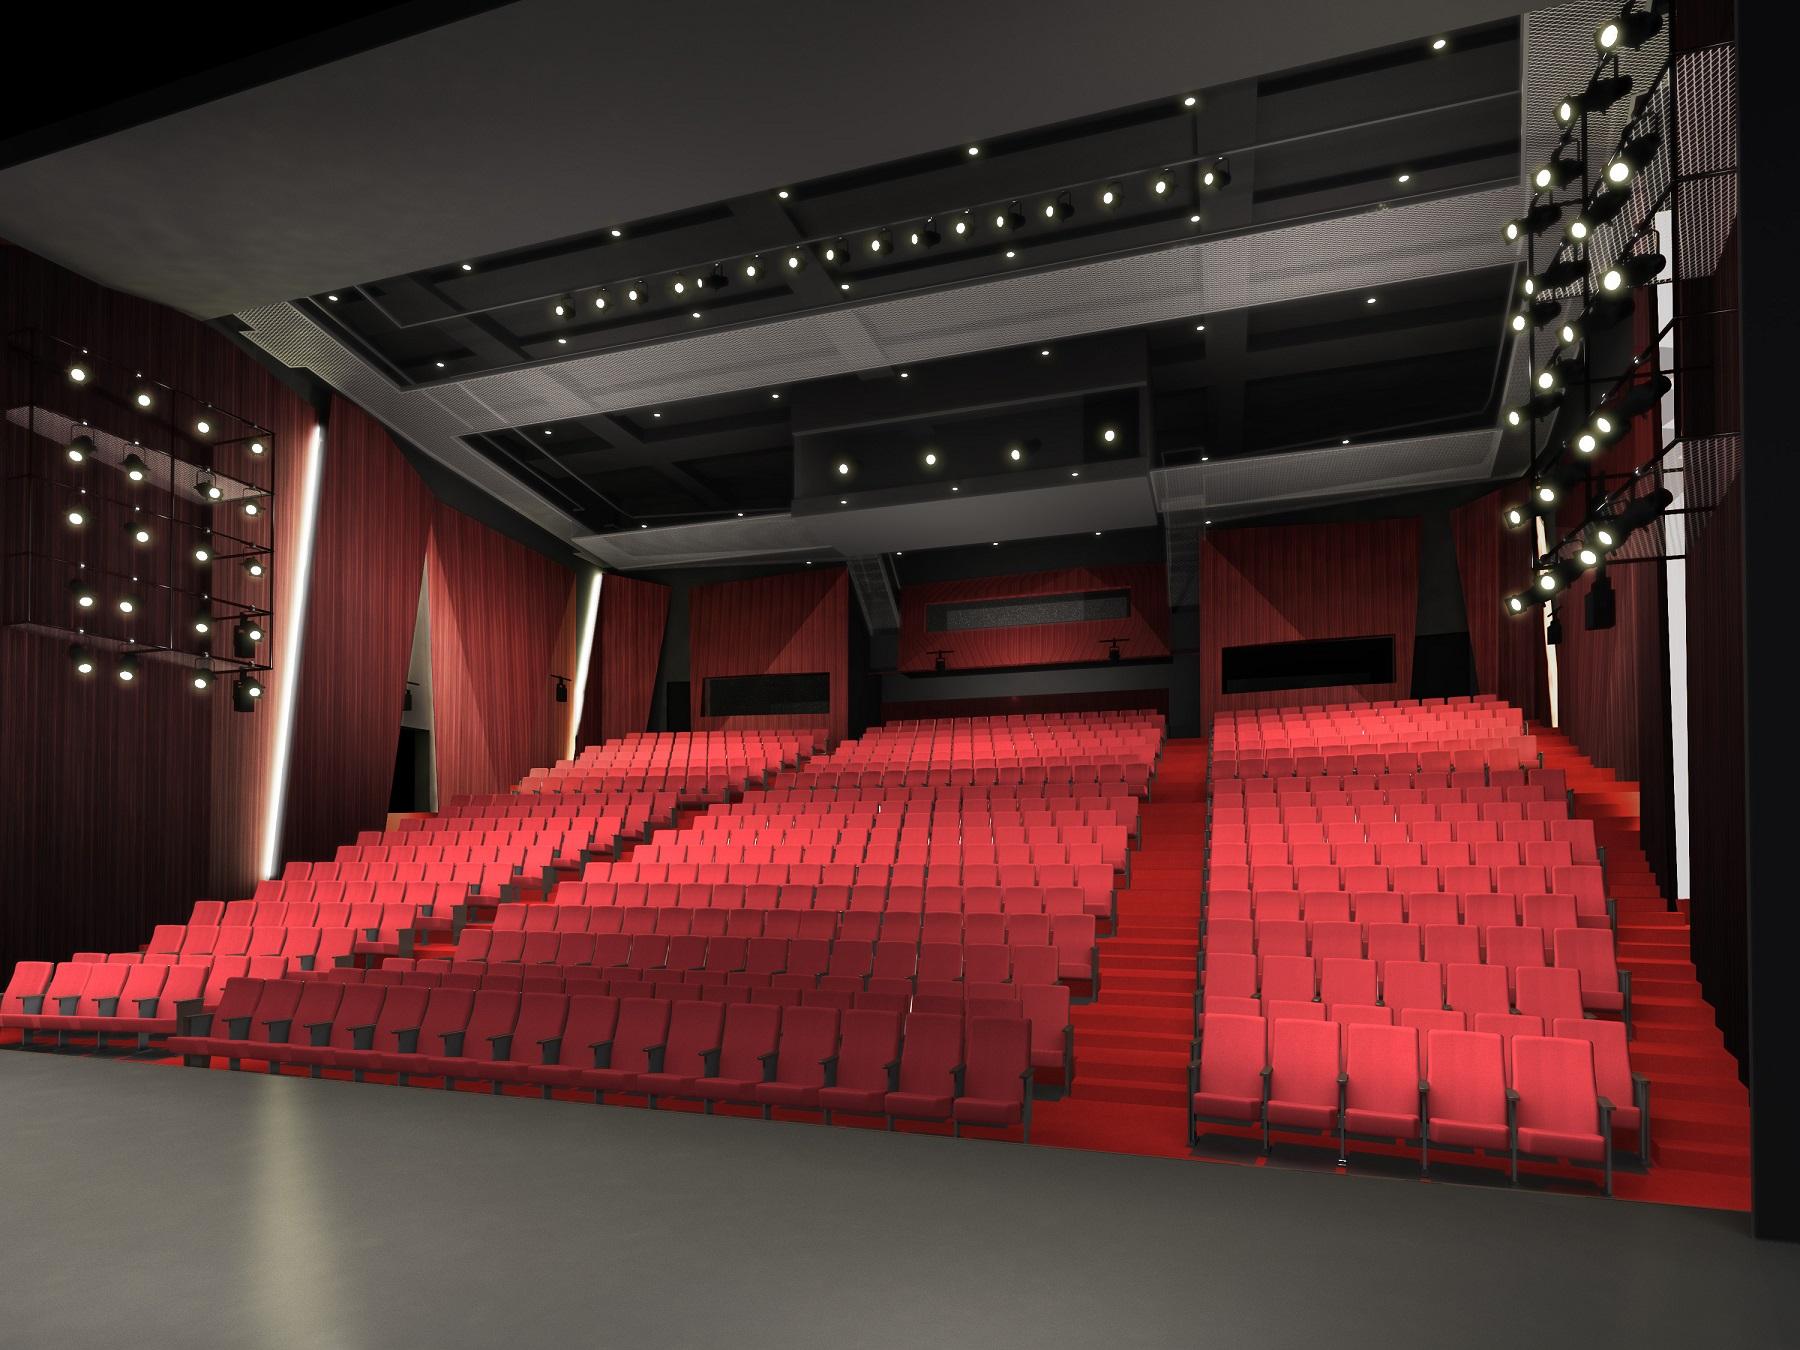 PARCO劇場客席イメージ